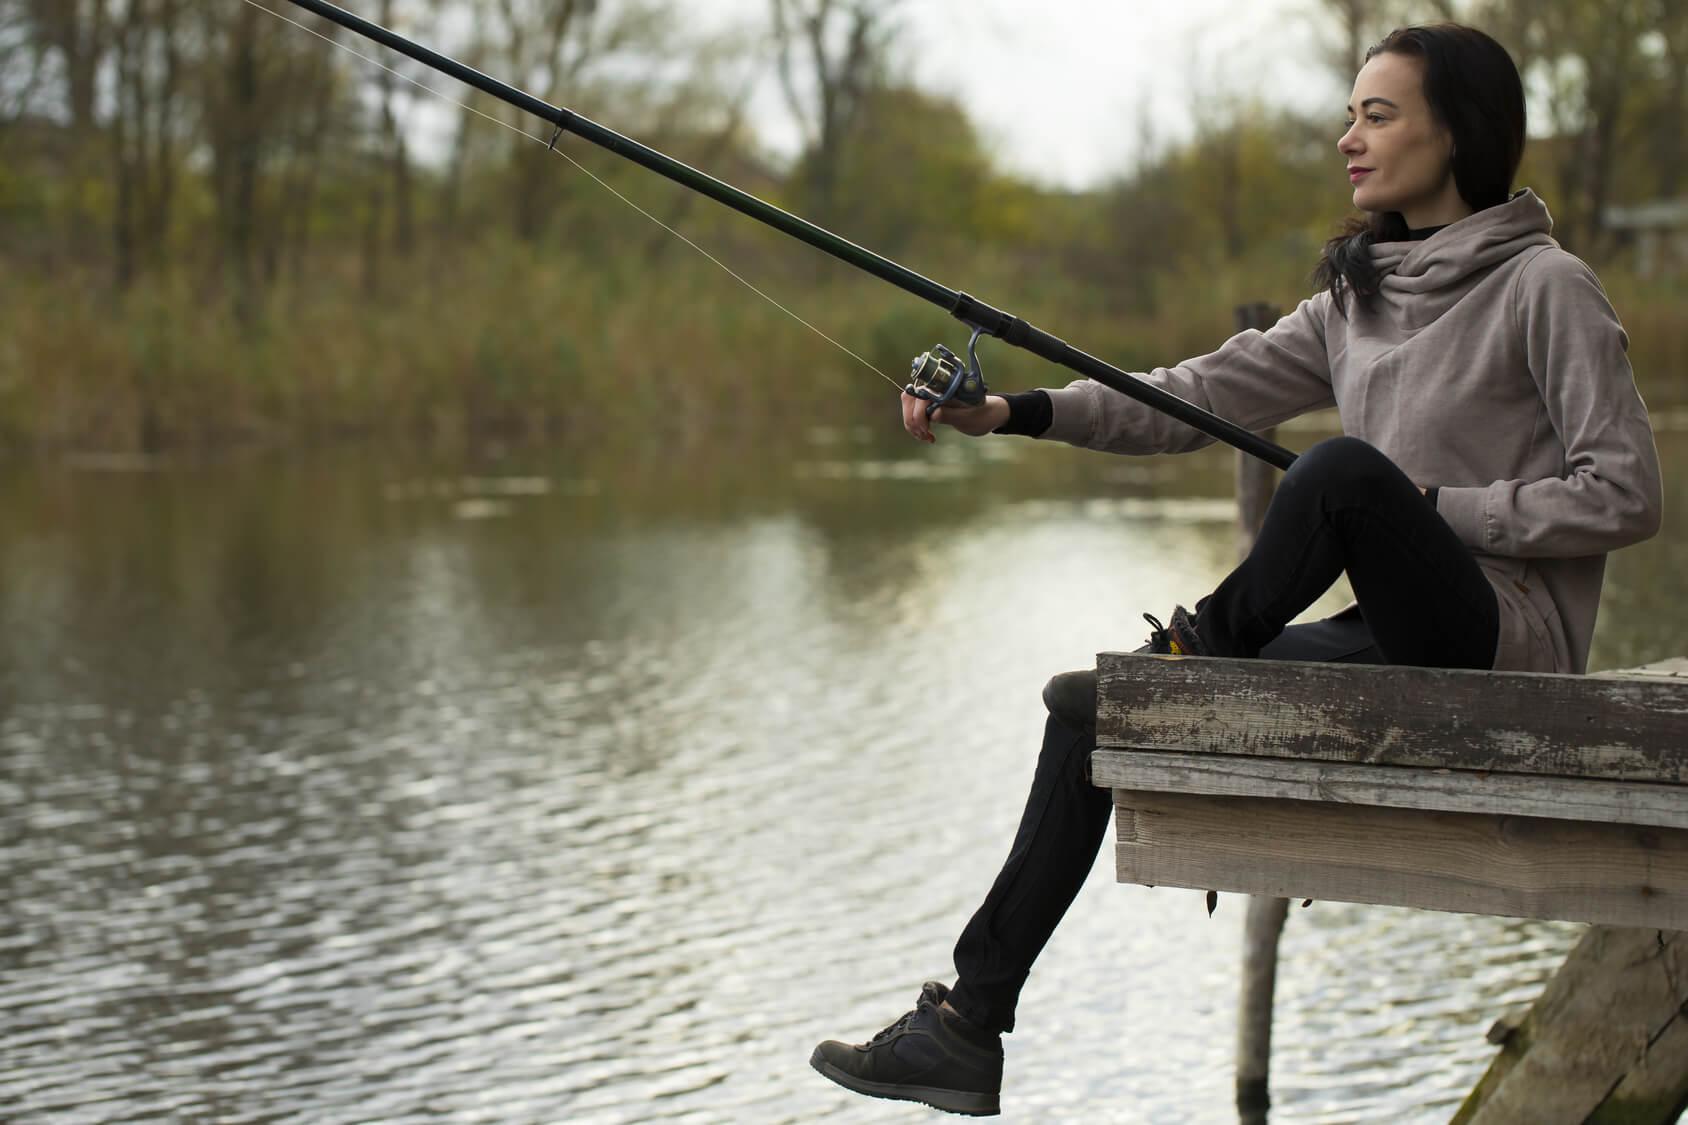 釣りをしている美人女性